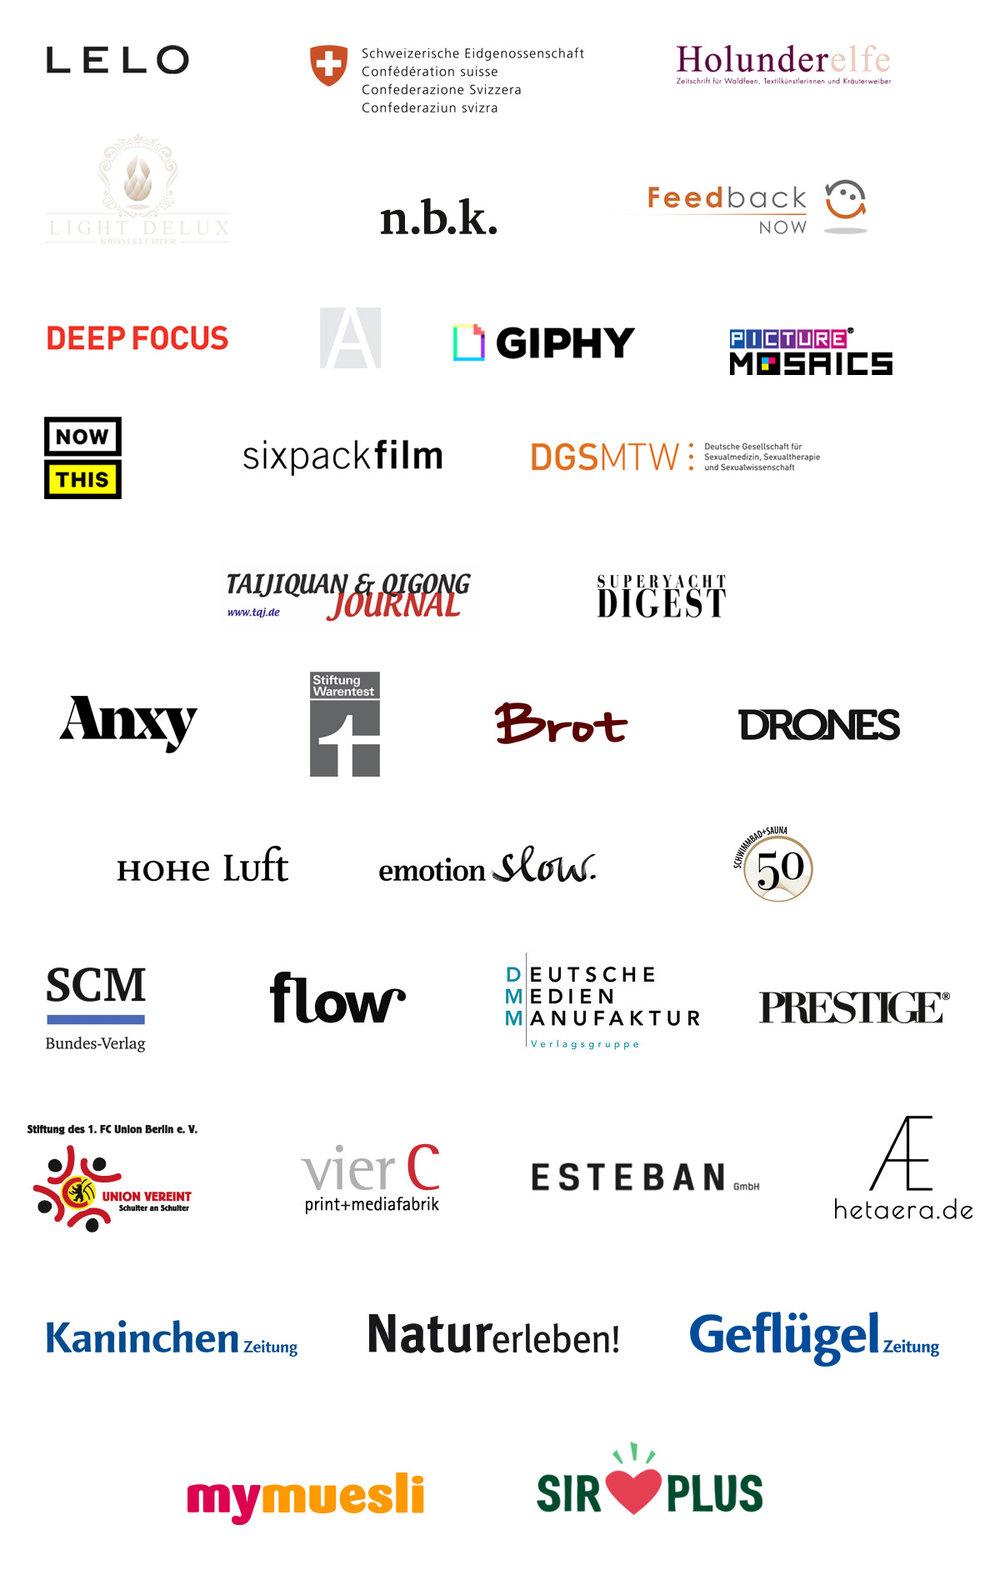 logos_sponsoren_01.jpg